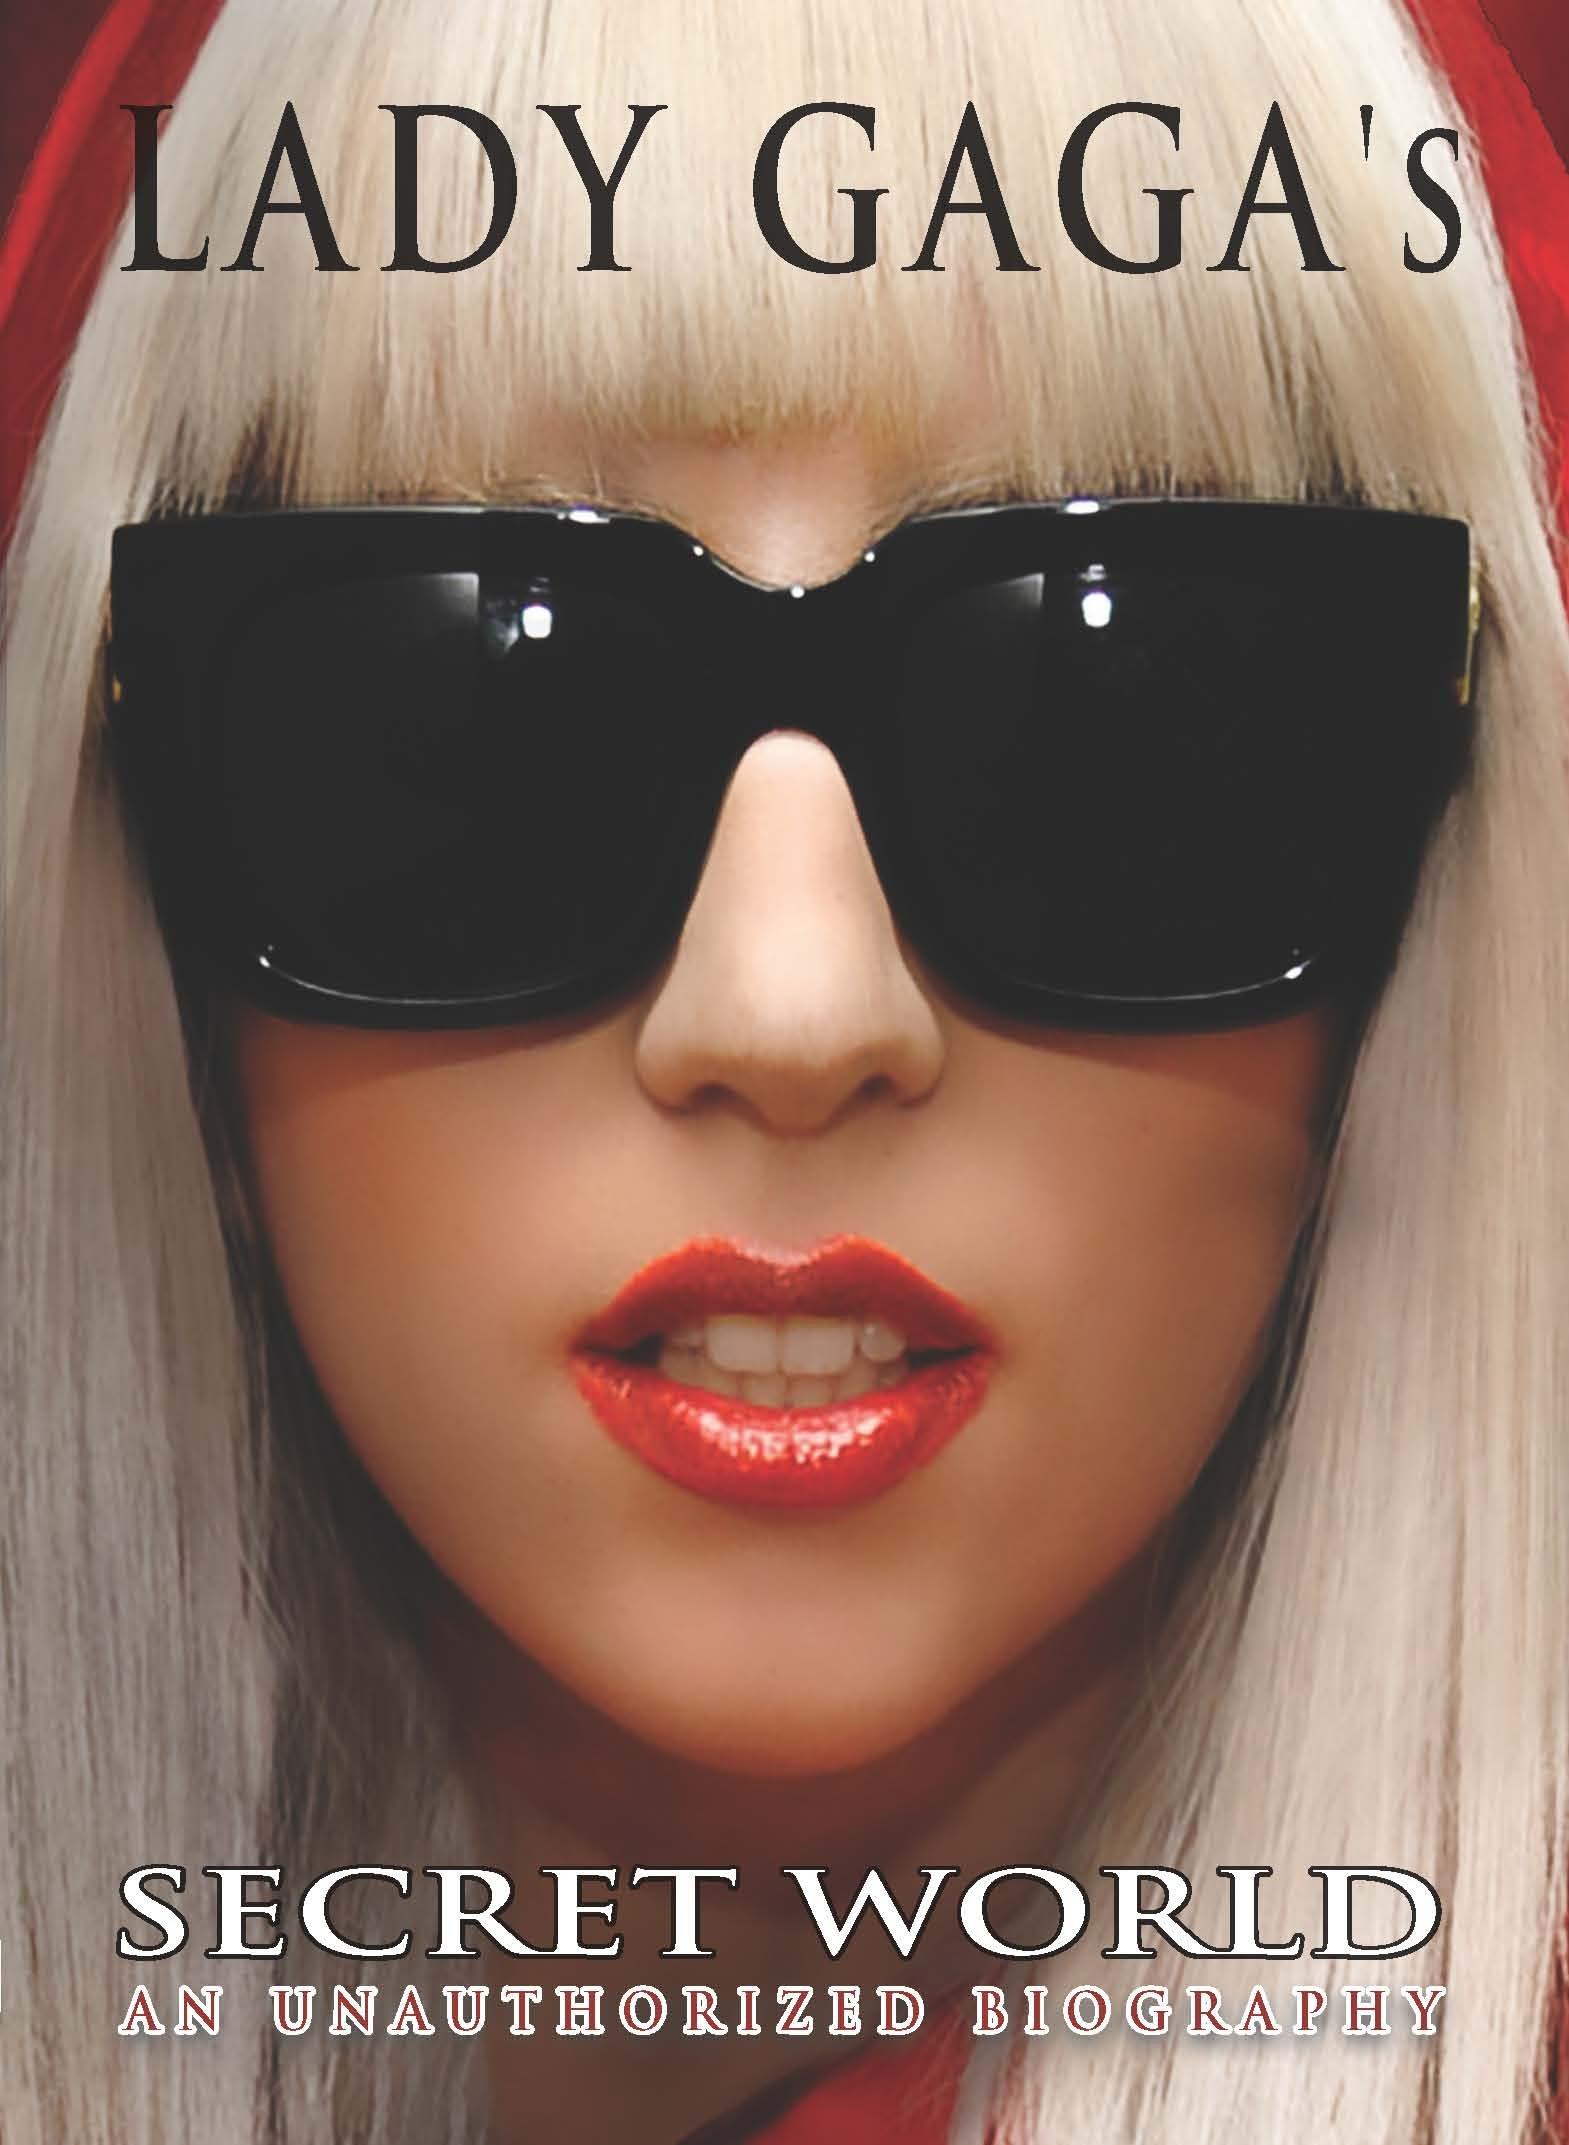 DVD : Lady Gaga - Lady Gaga's: Secret World (Widescreen)